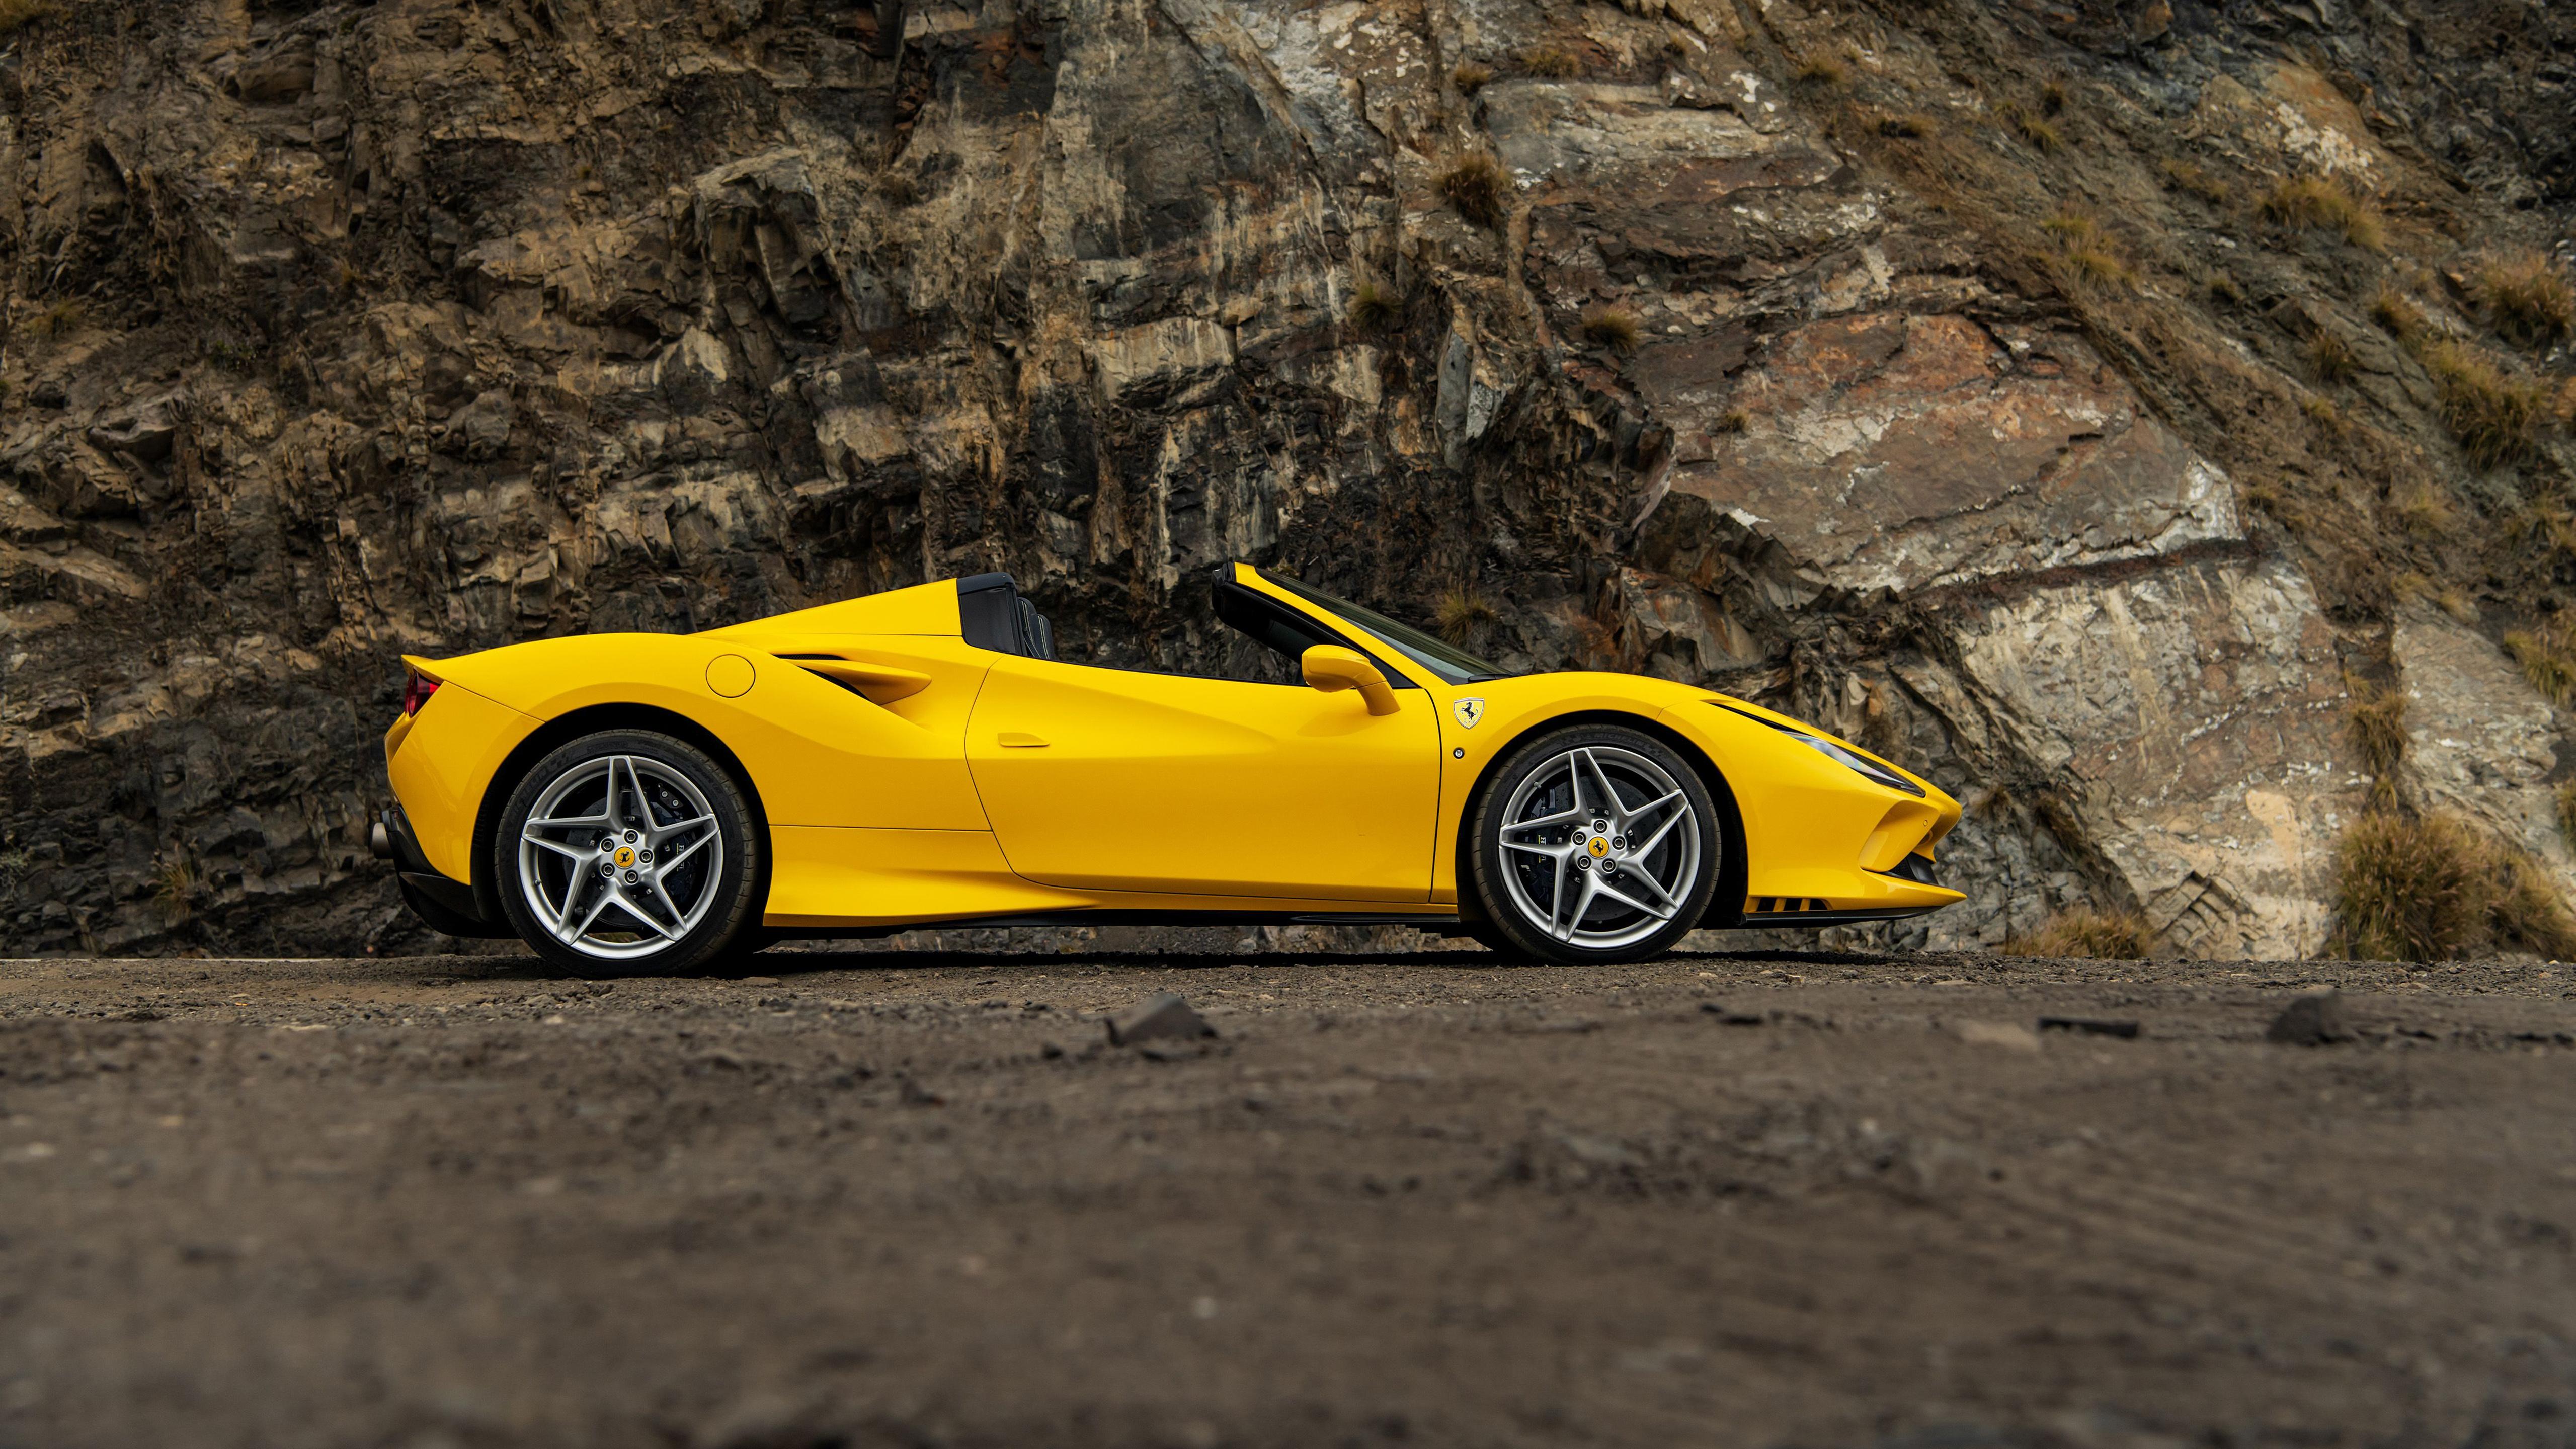 Ferrari F8 Spider 2020 5k 4 Wallpaper Hd Car Wallpapers Id 15137